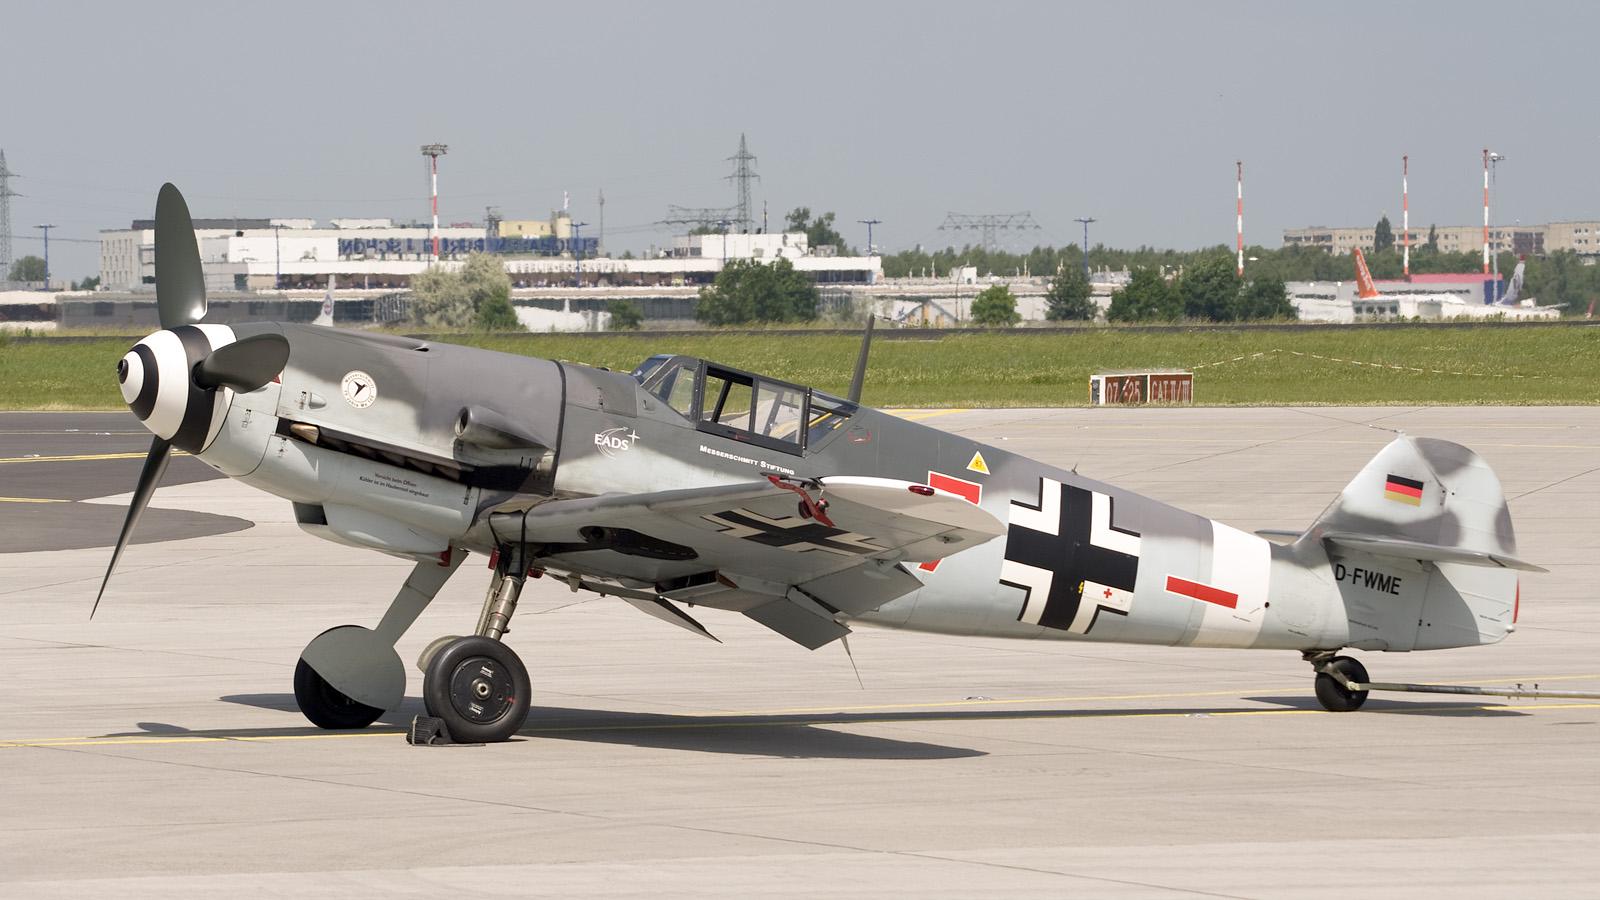 Messerschmitt Bf 109 War Thunder Wiki Fandom Powered